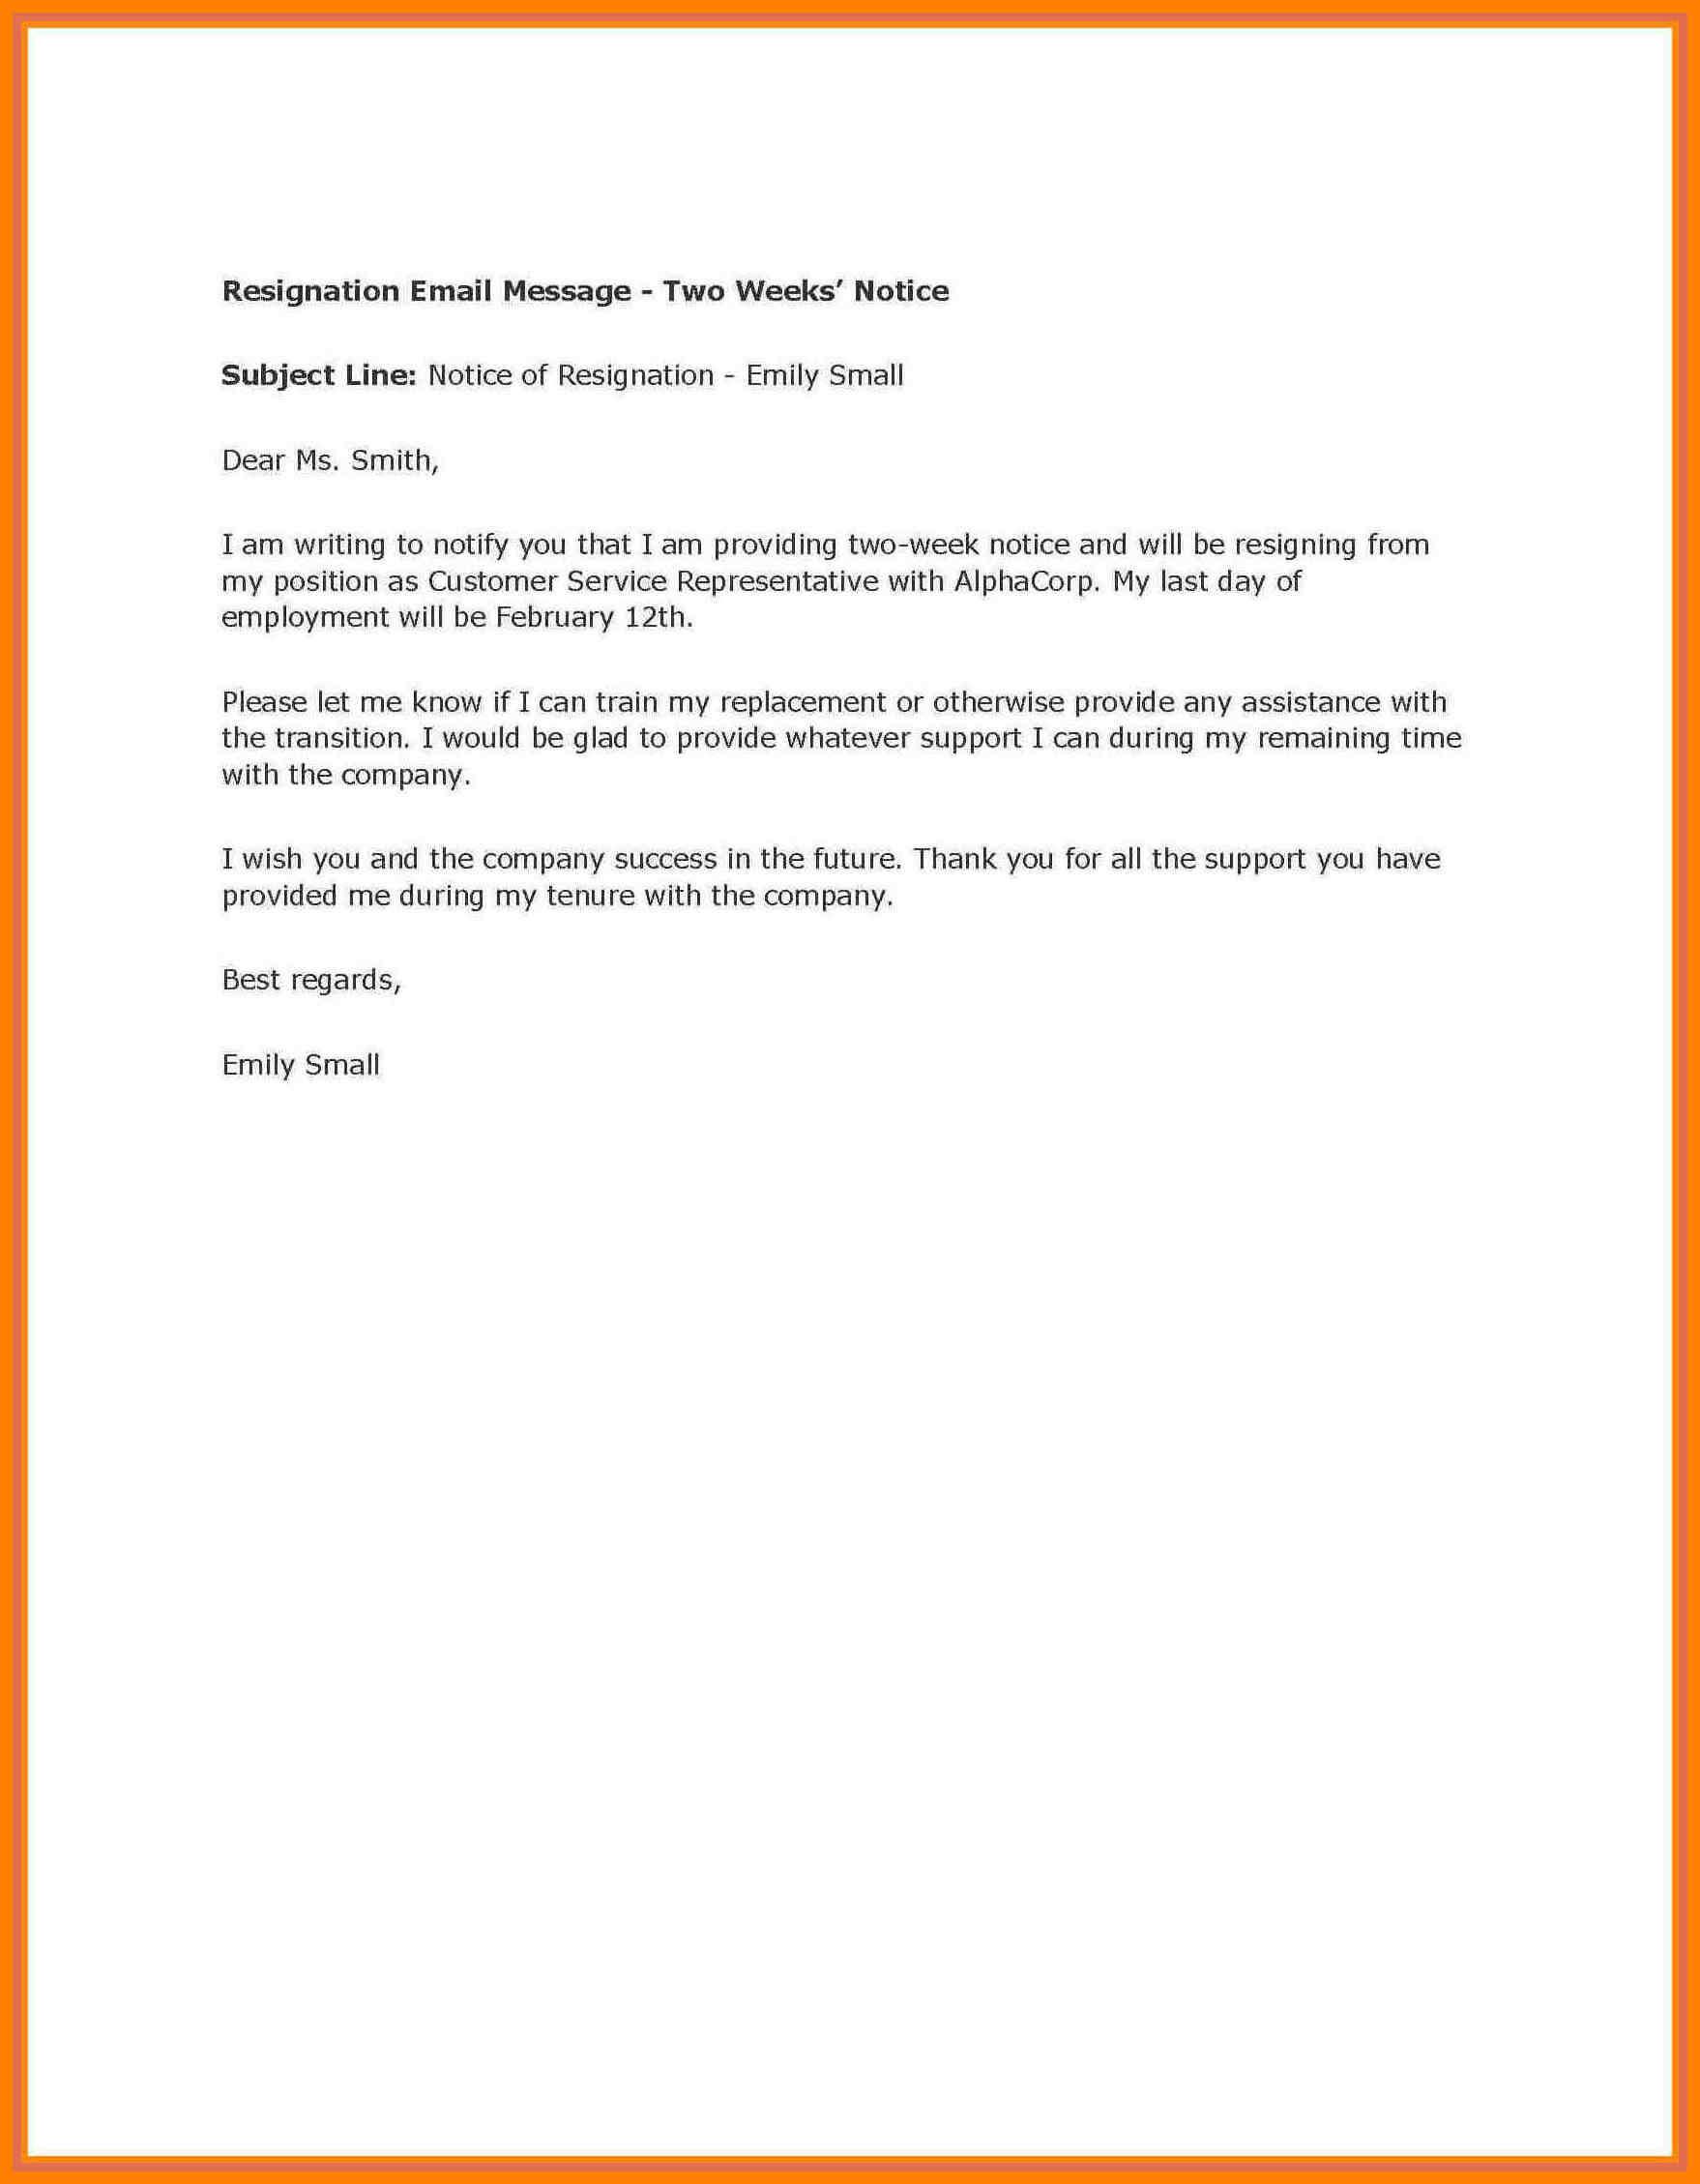 004 Week Notice Template Word Ideas Two Weeks Letter Example Inside Two Week Notice Template Word